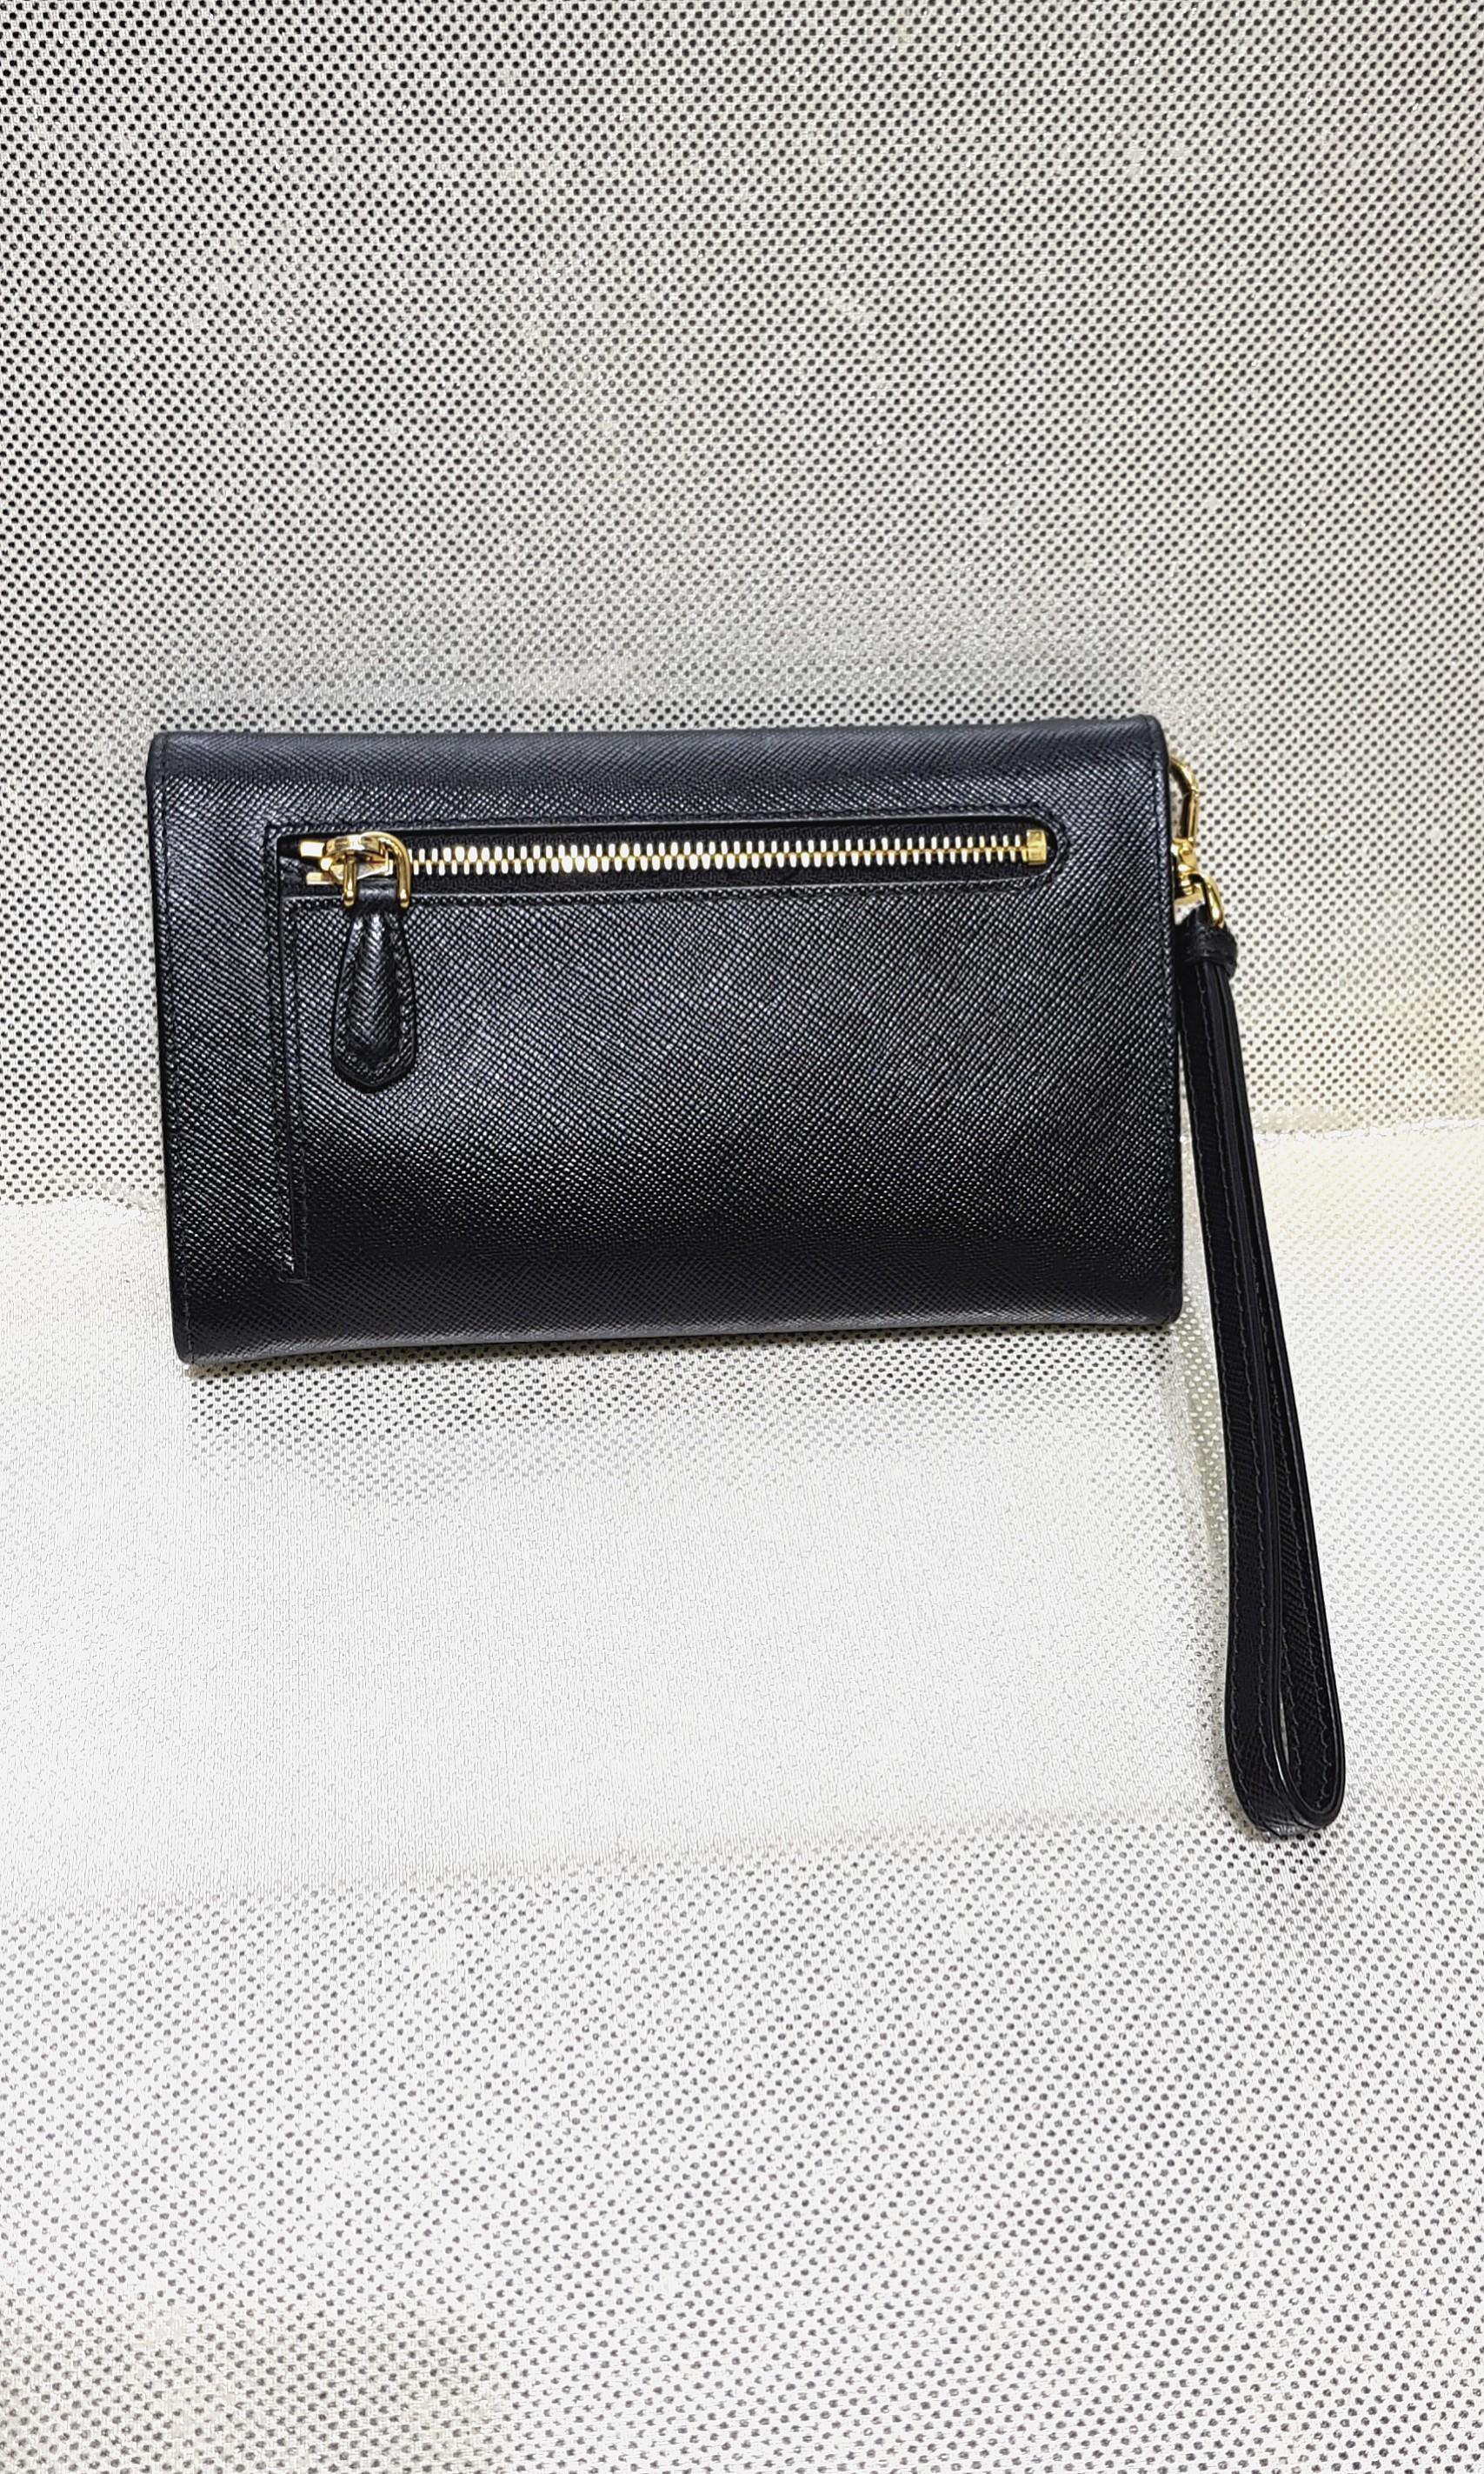 d216a805d5d2 Authentic Prada Black Saffiano Wristlet Wallet